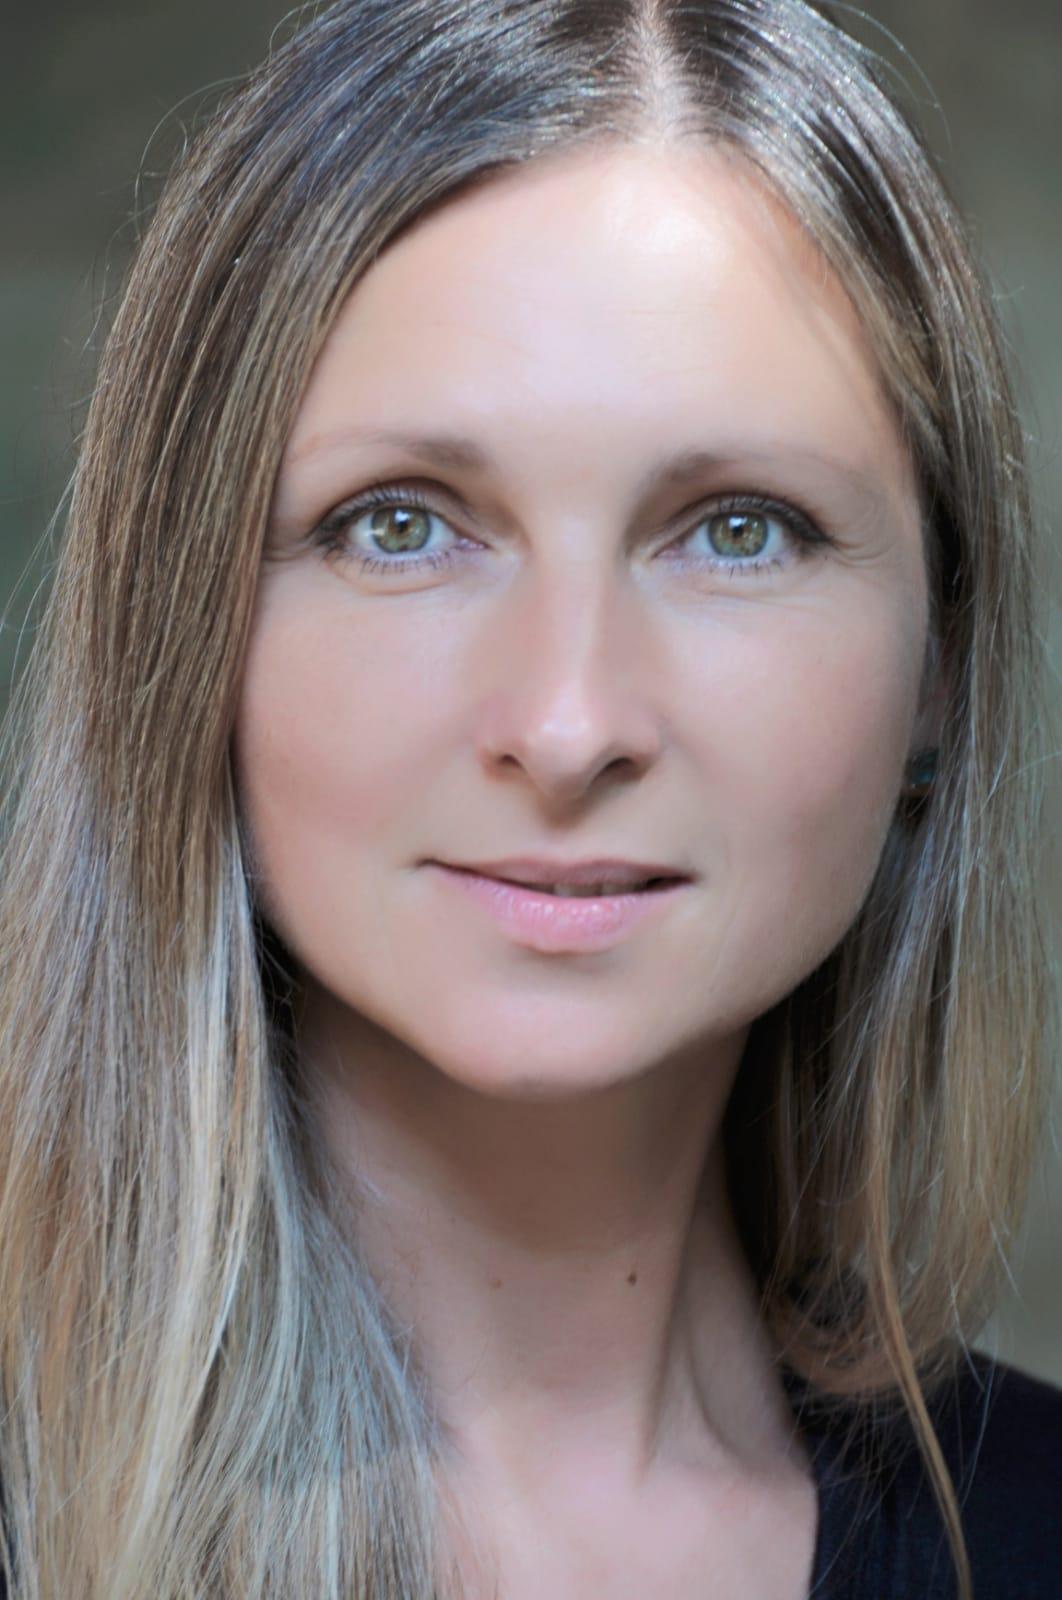 Natasha Rymkevich